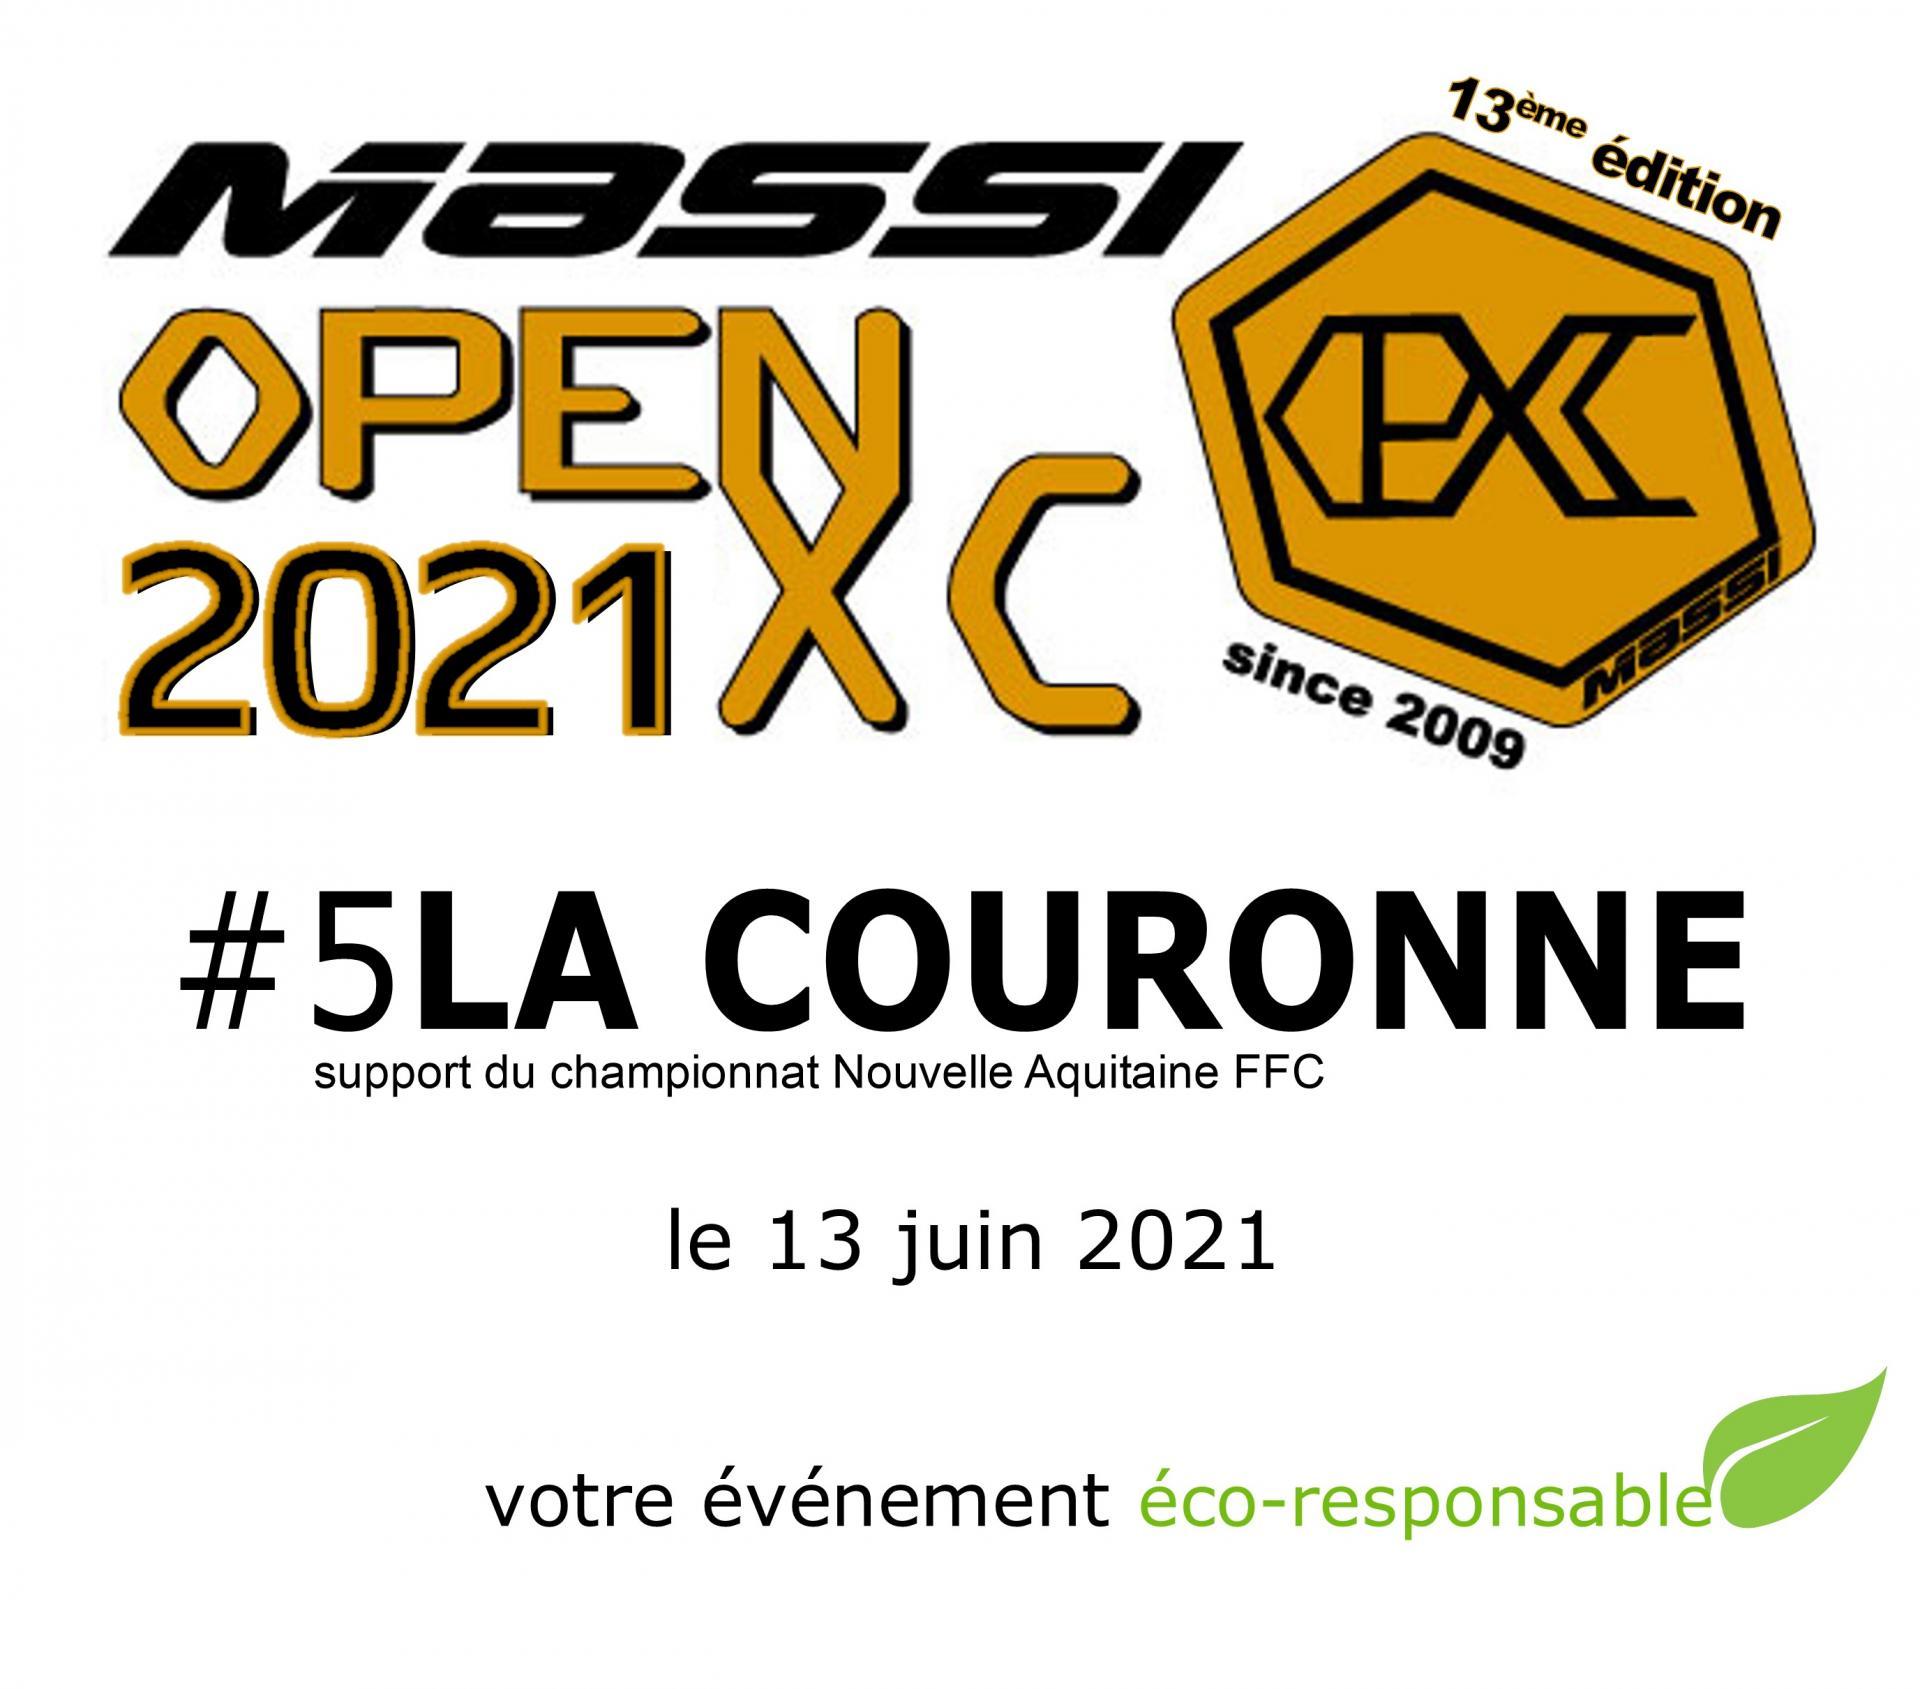 LA COURONNE 2021